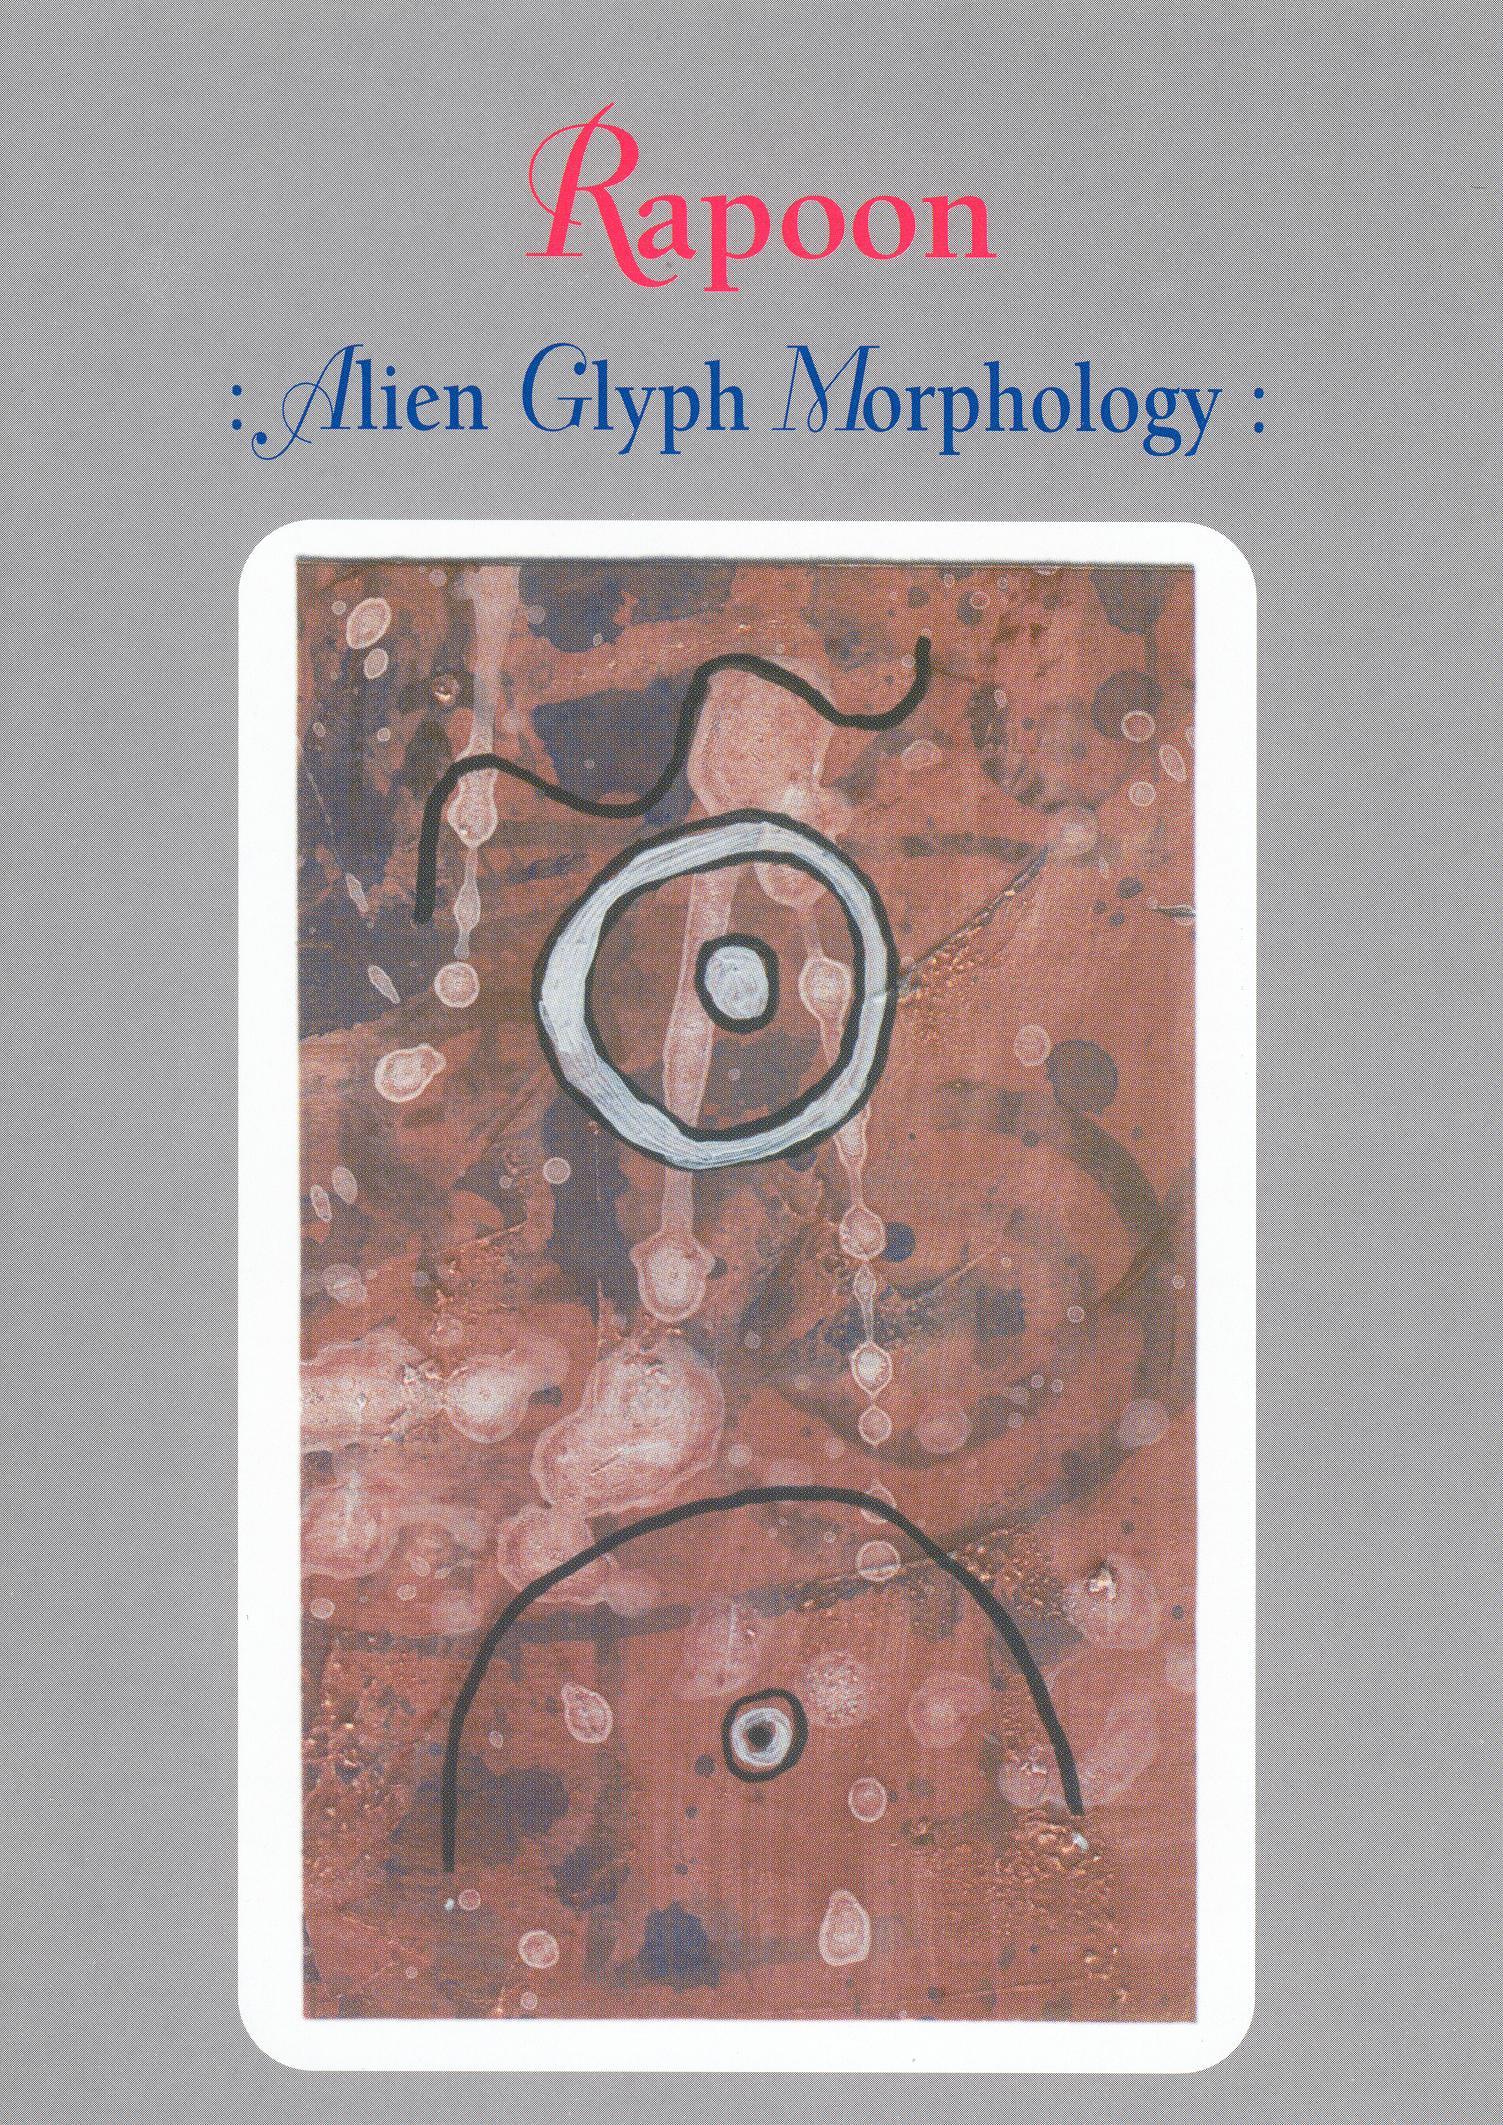 Rapoon: Alien Glyph Morphology